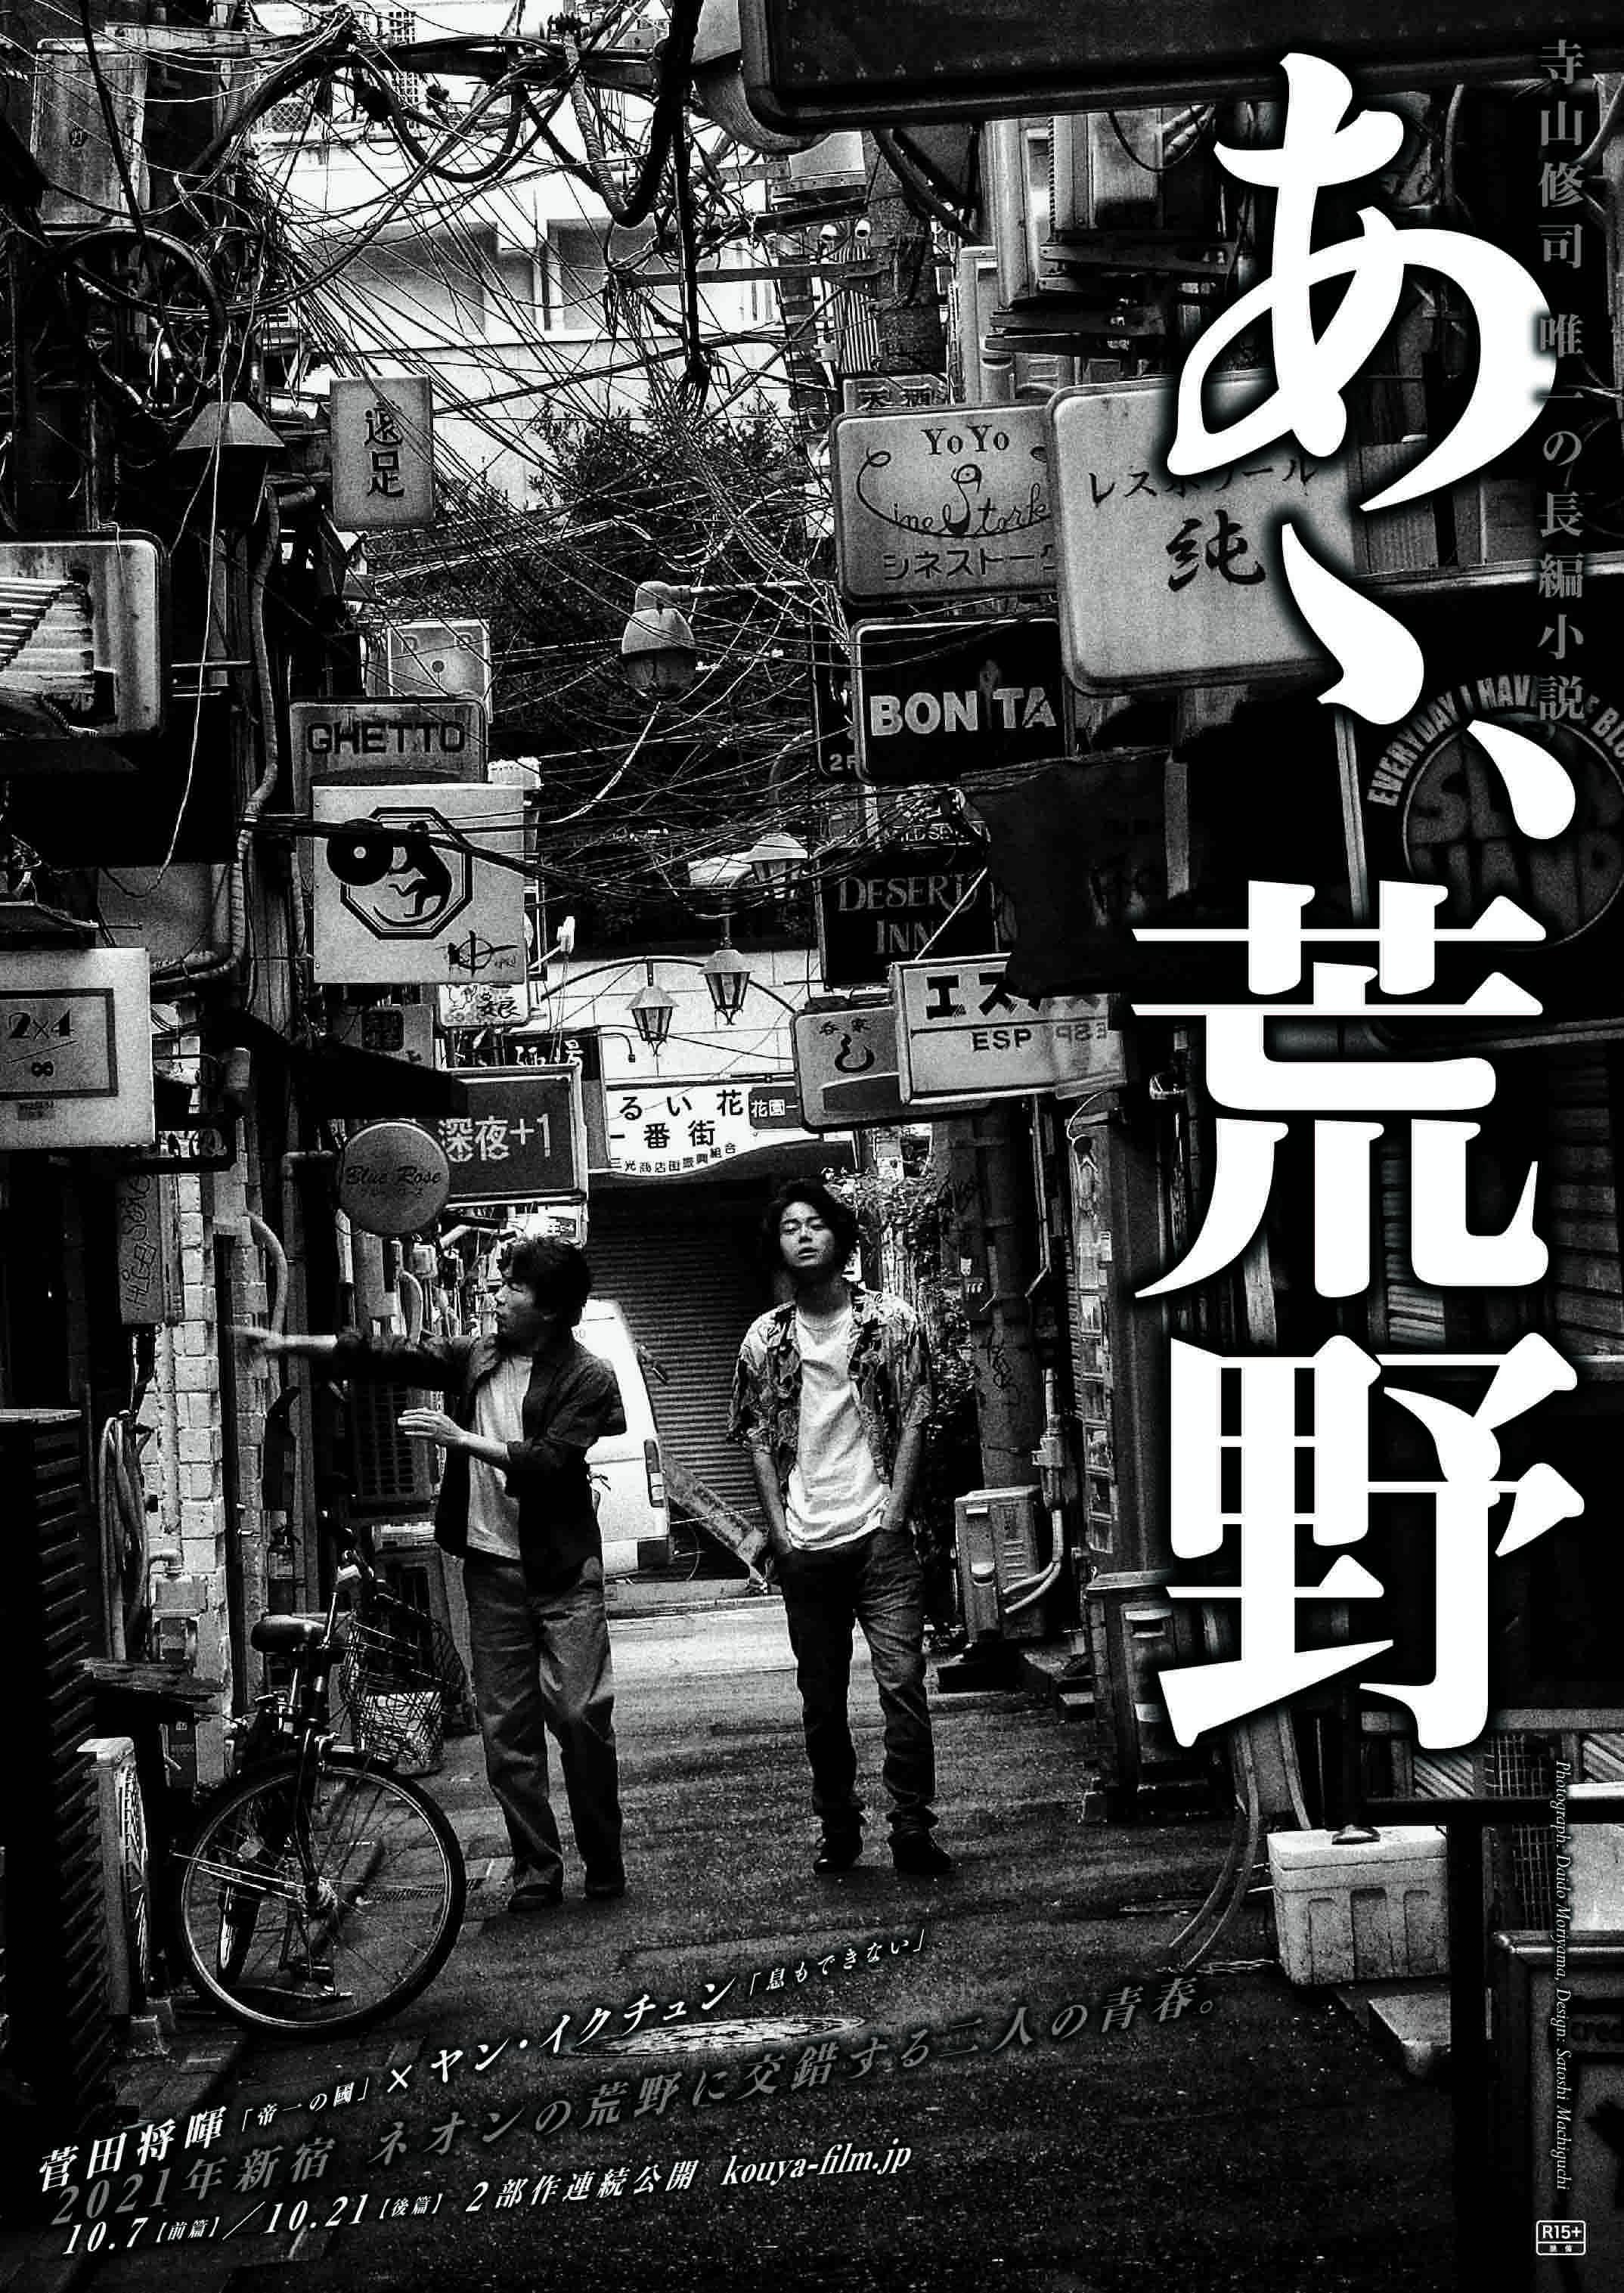 原作 寺山修司×菅田将暉×ヤンイクチュンによる、映画『あゝ、荒野』今秋公開!